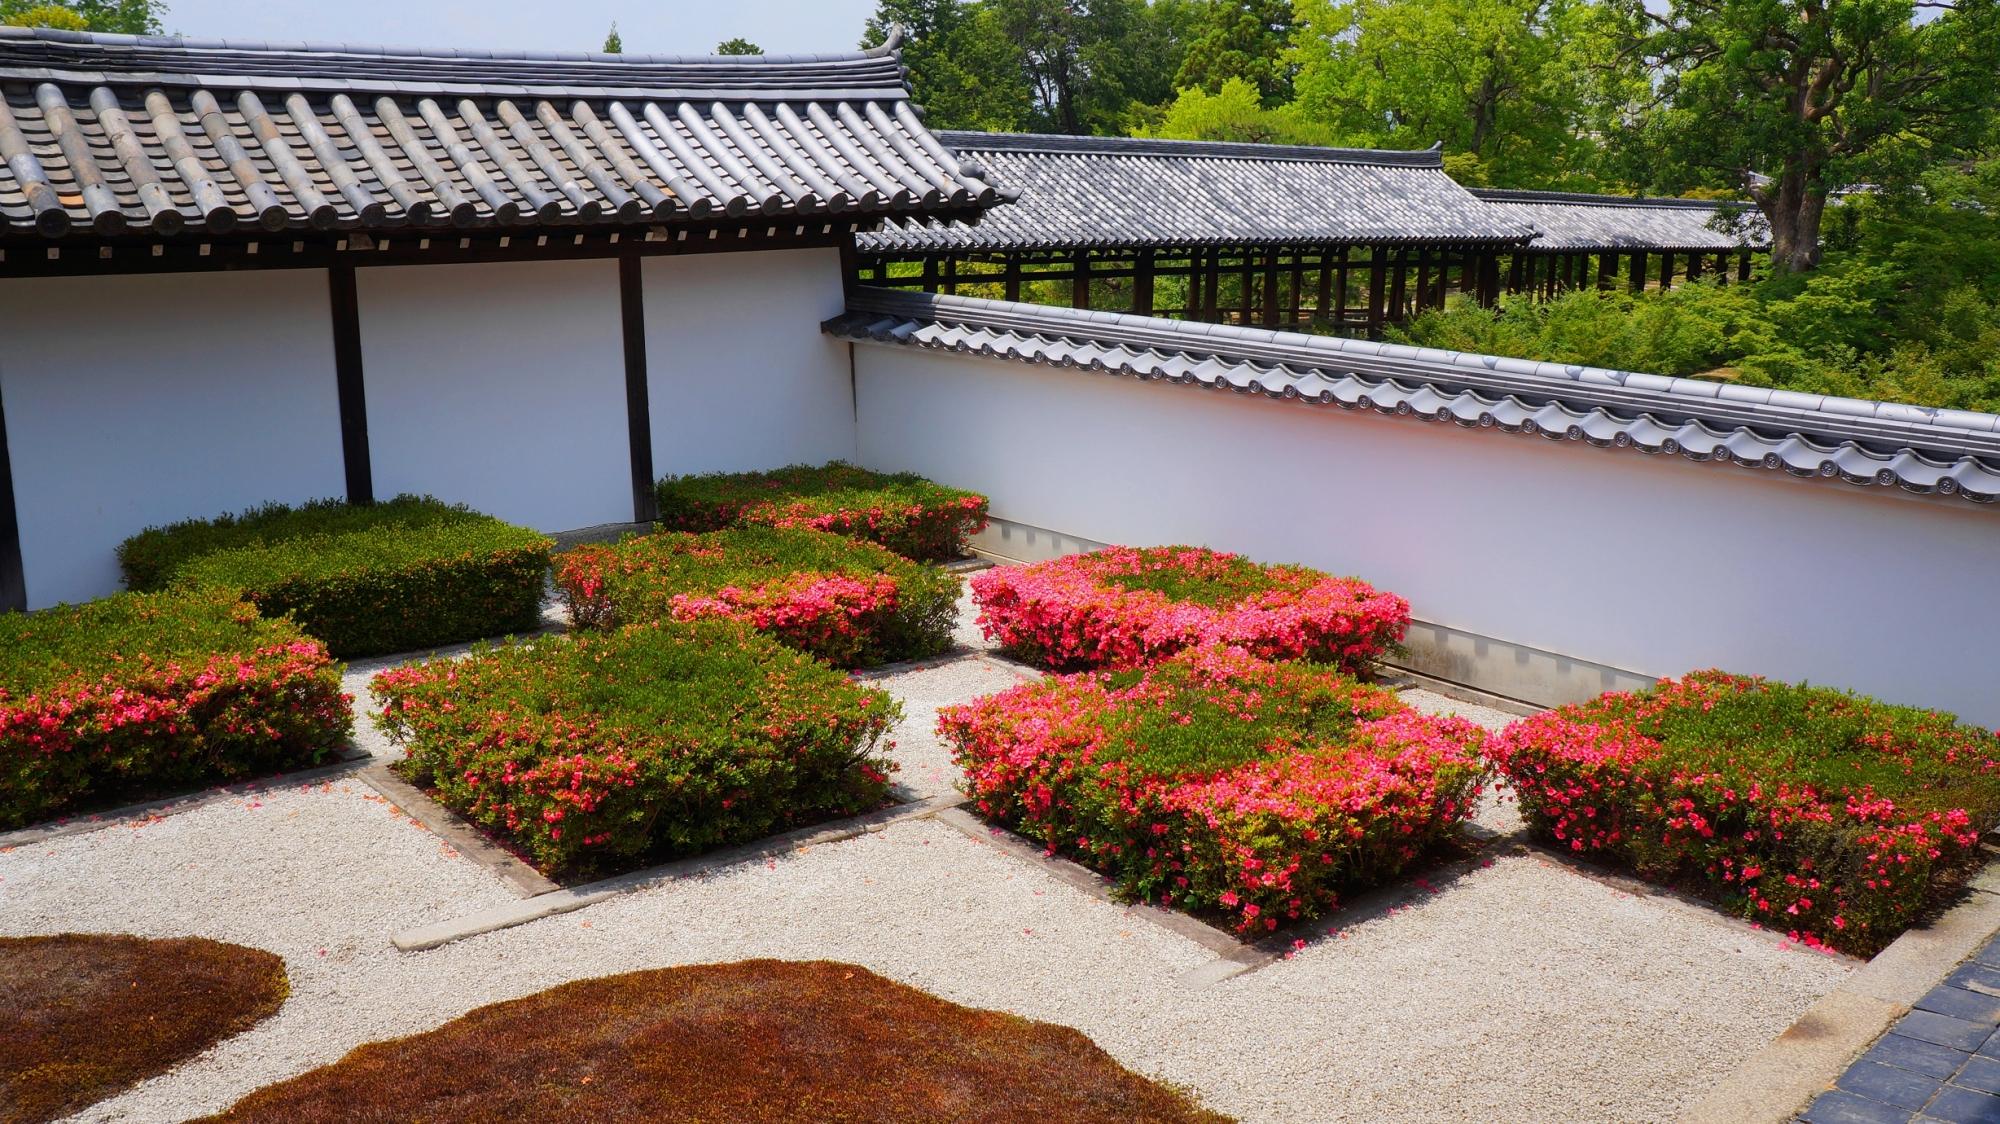 方丈庭園西庭の四角い皐月の刈り込みに咲くピンクの花